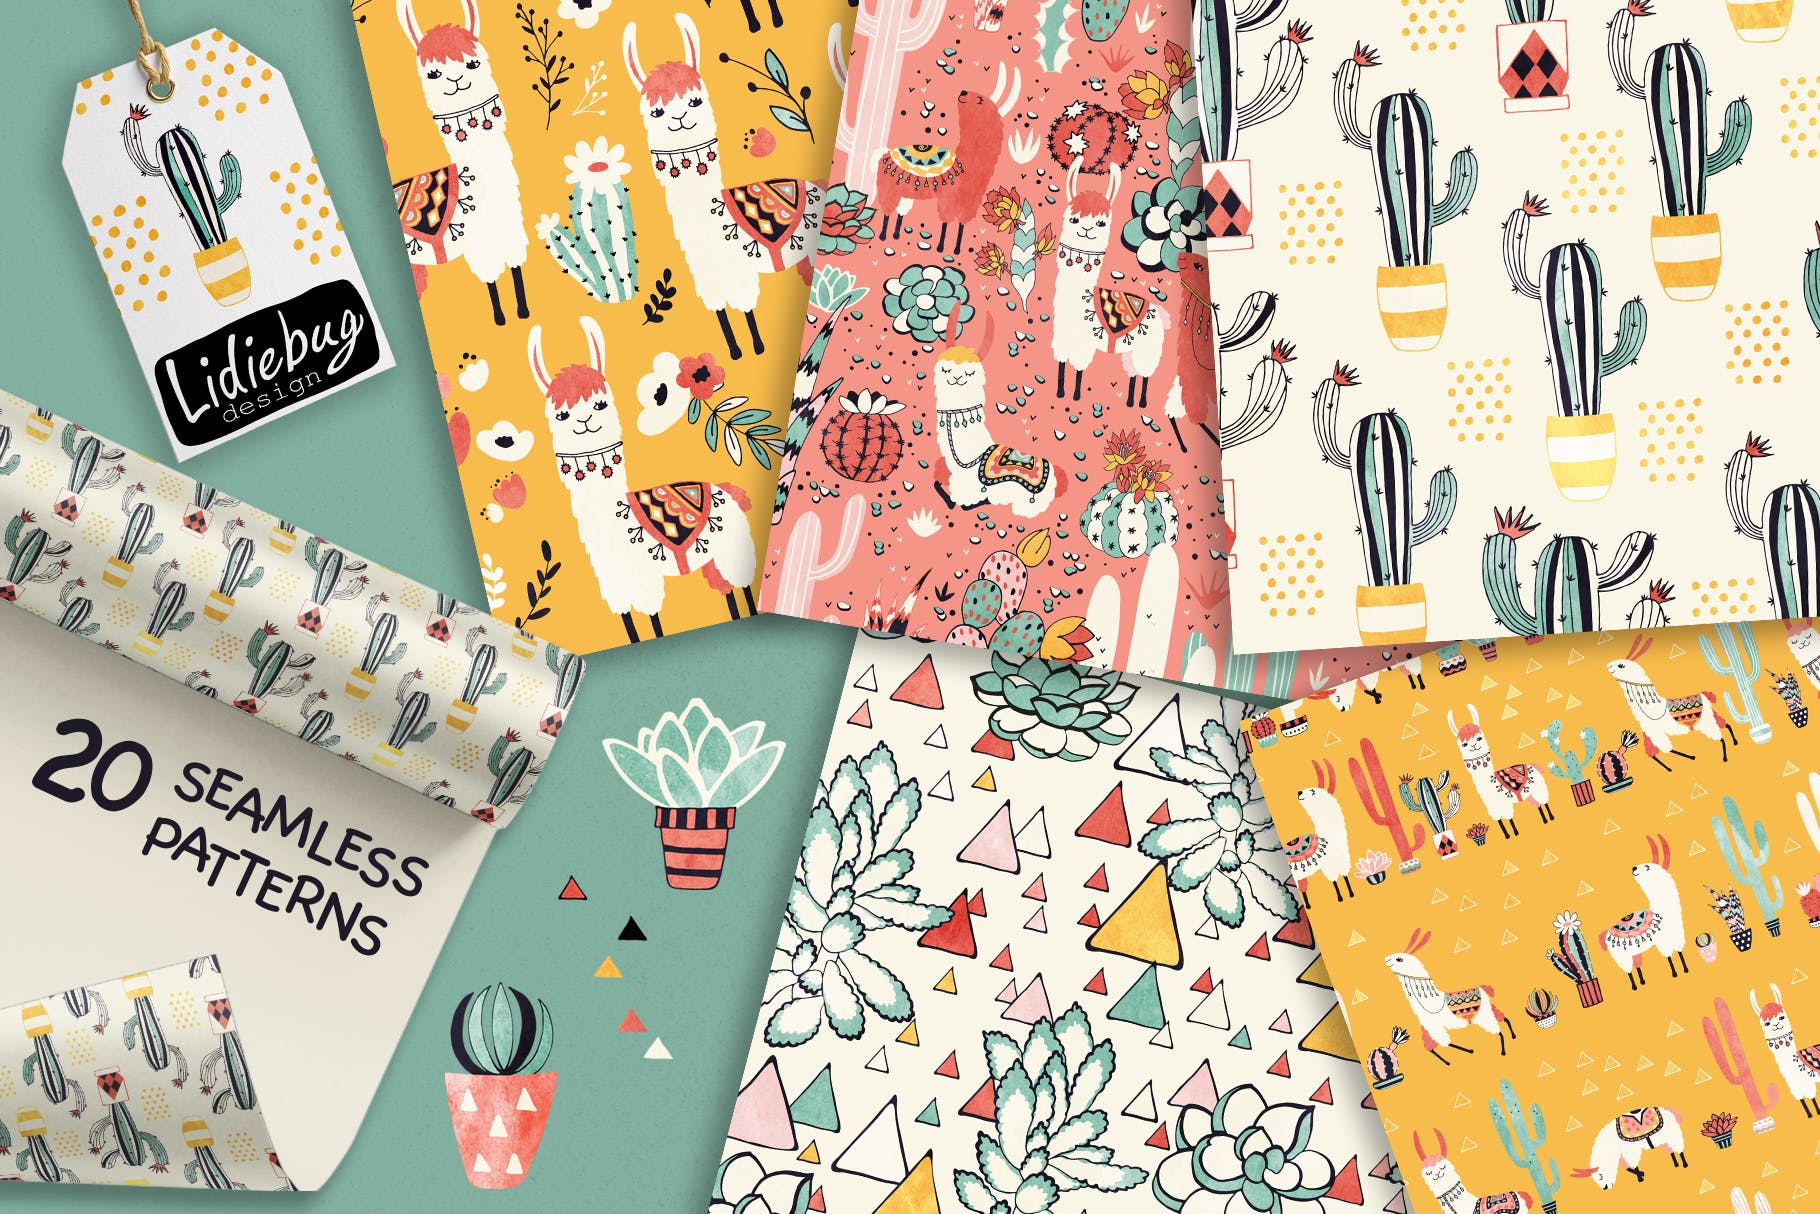 骆驼和仙人掌轮廓素材图案纹理Llamas and Cacti插图(2)